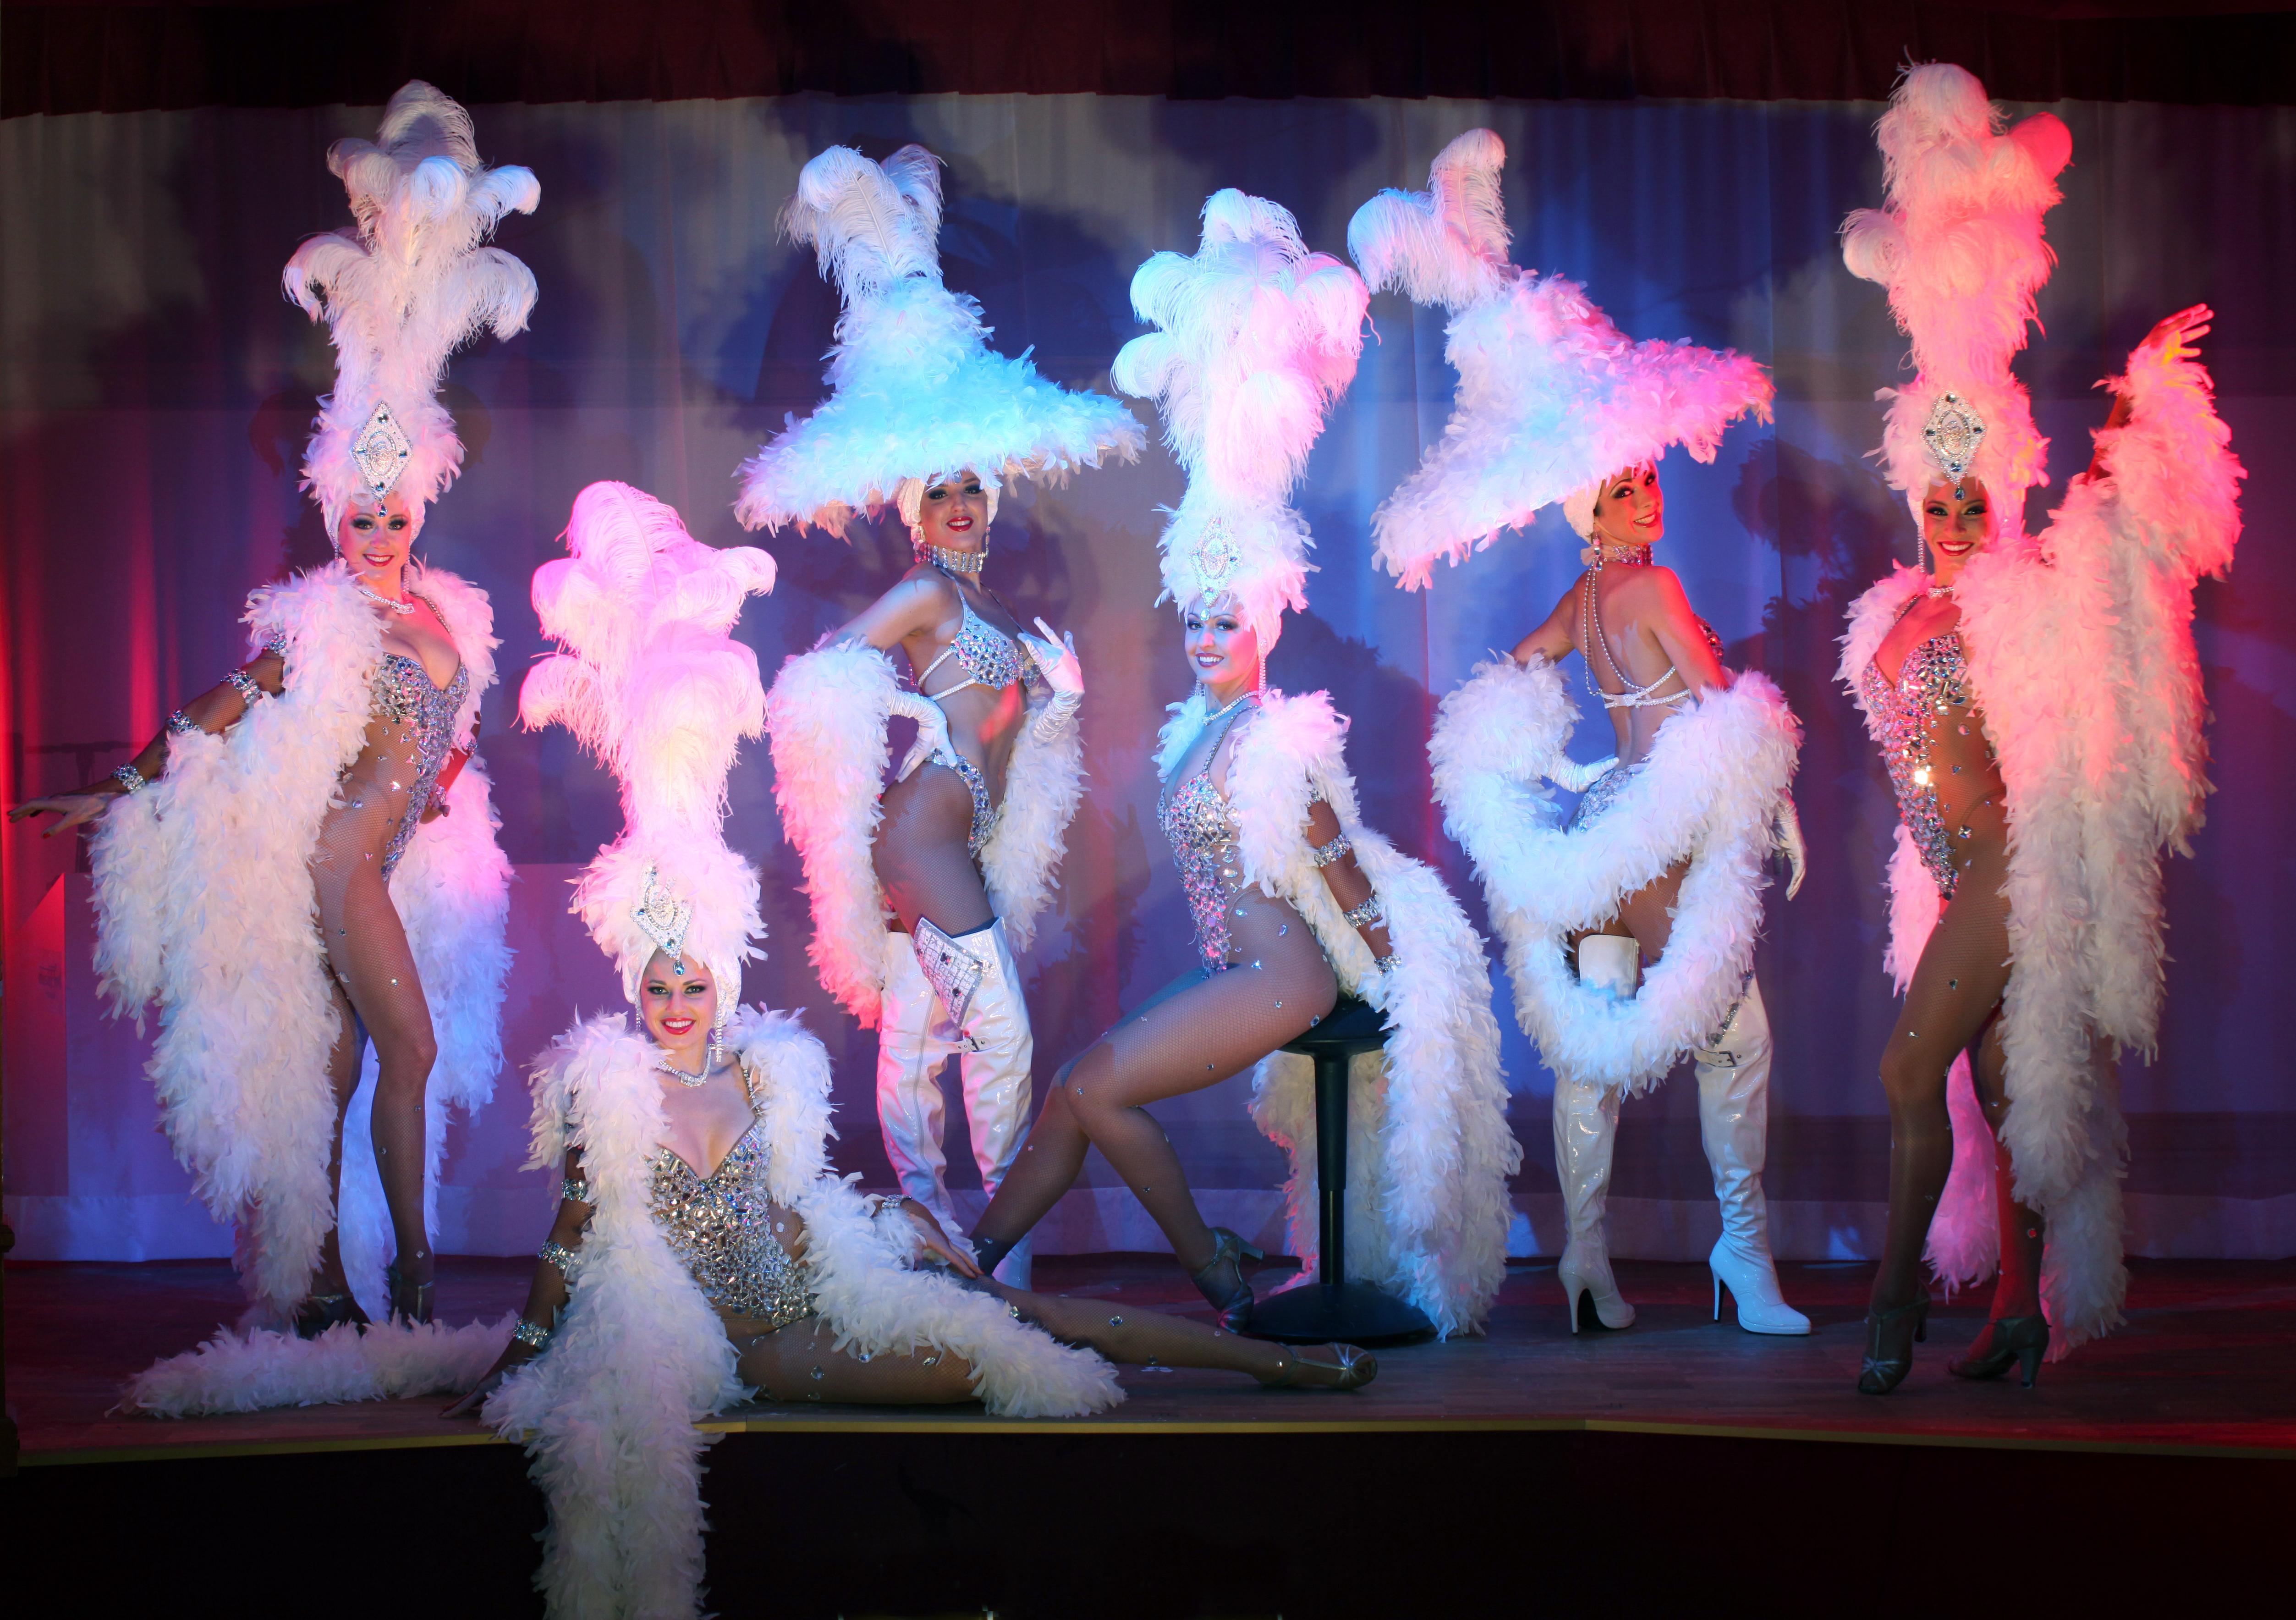 Marissa-Burgess-Showgirls